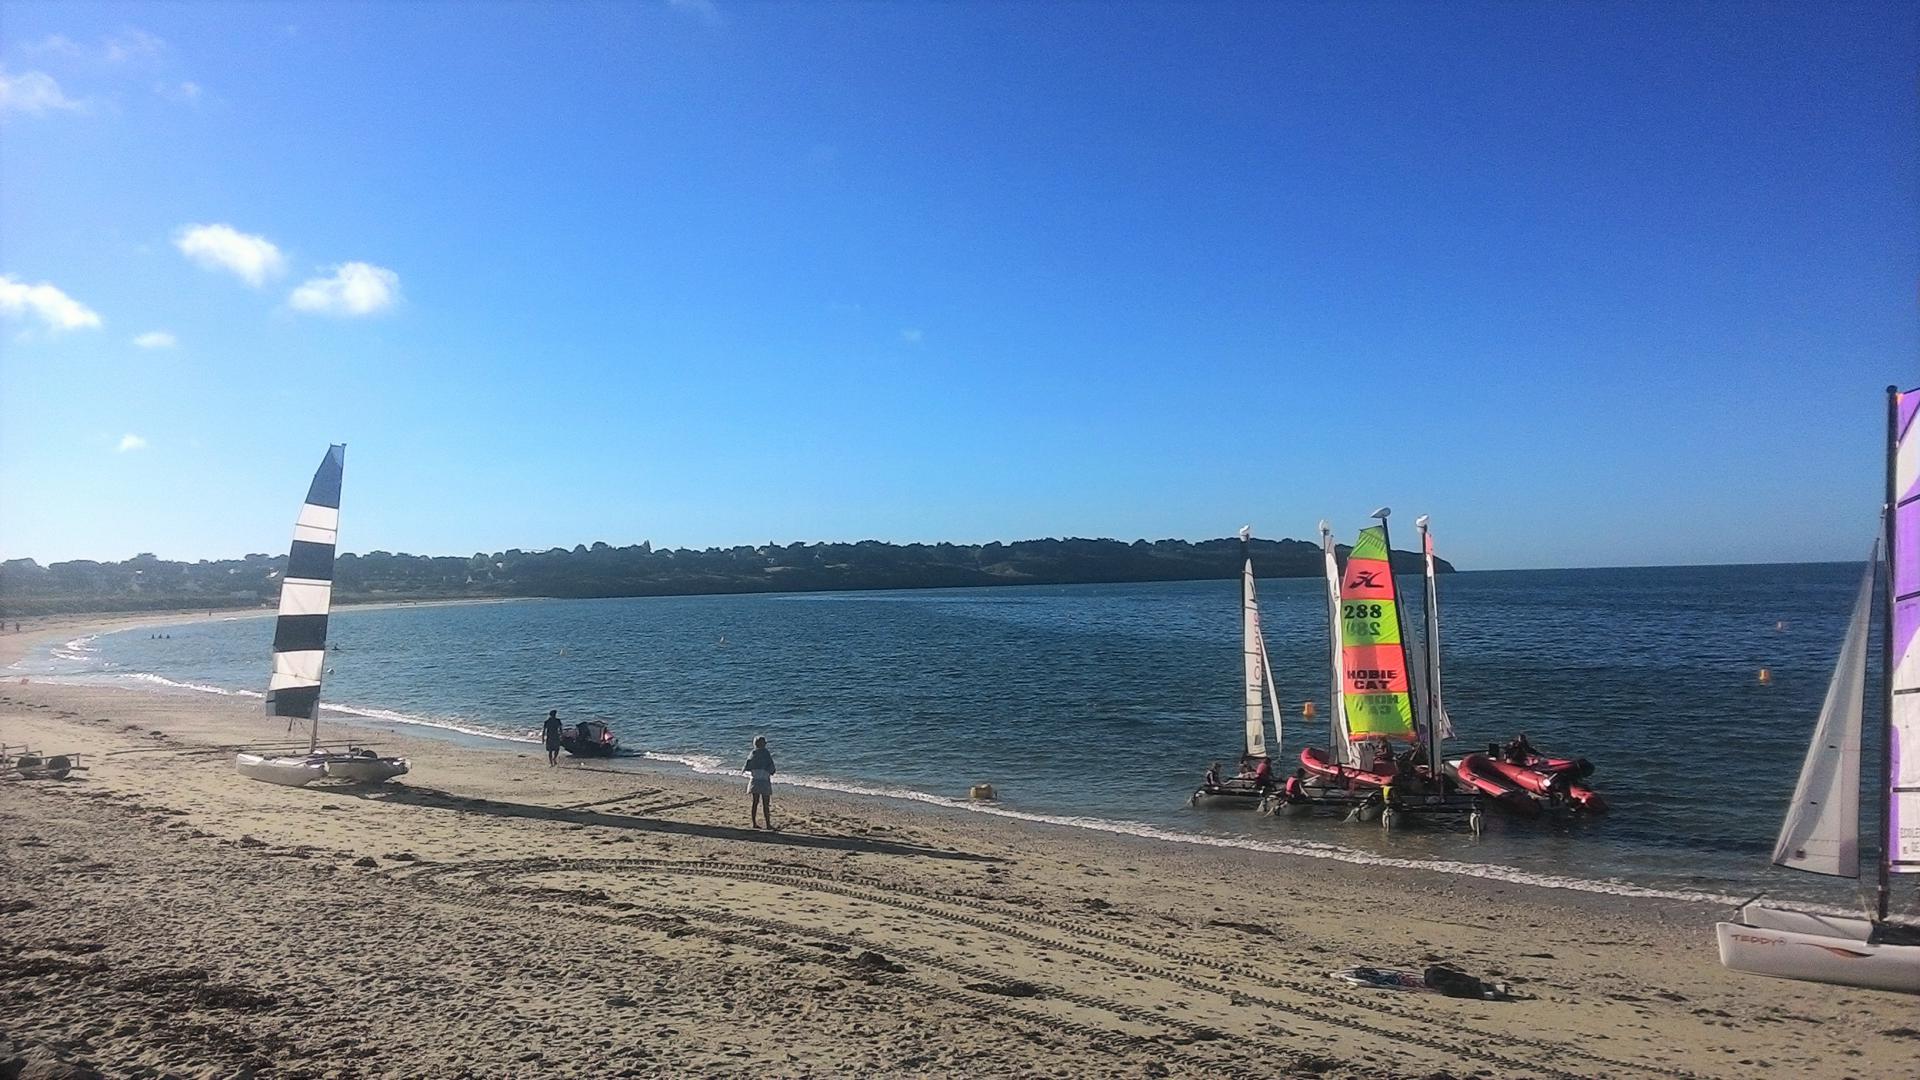 Club Nautique du Rohu - Sortie sous un beau soleil de printemps Plage des Goh Velins